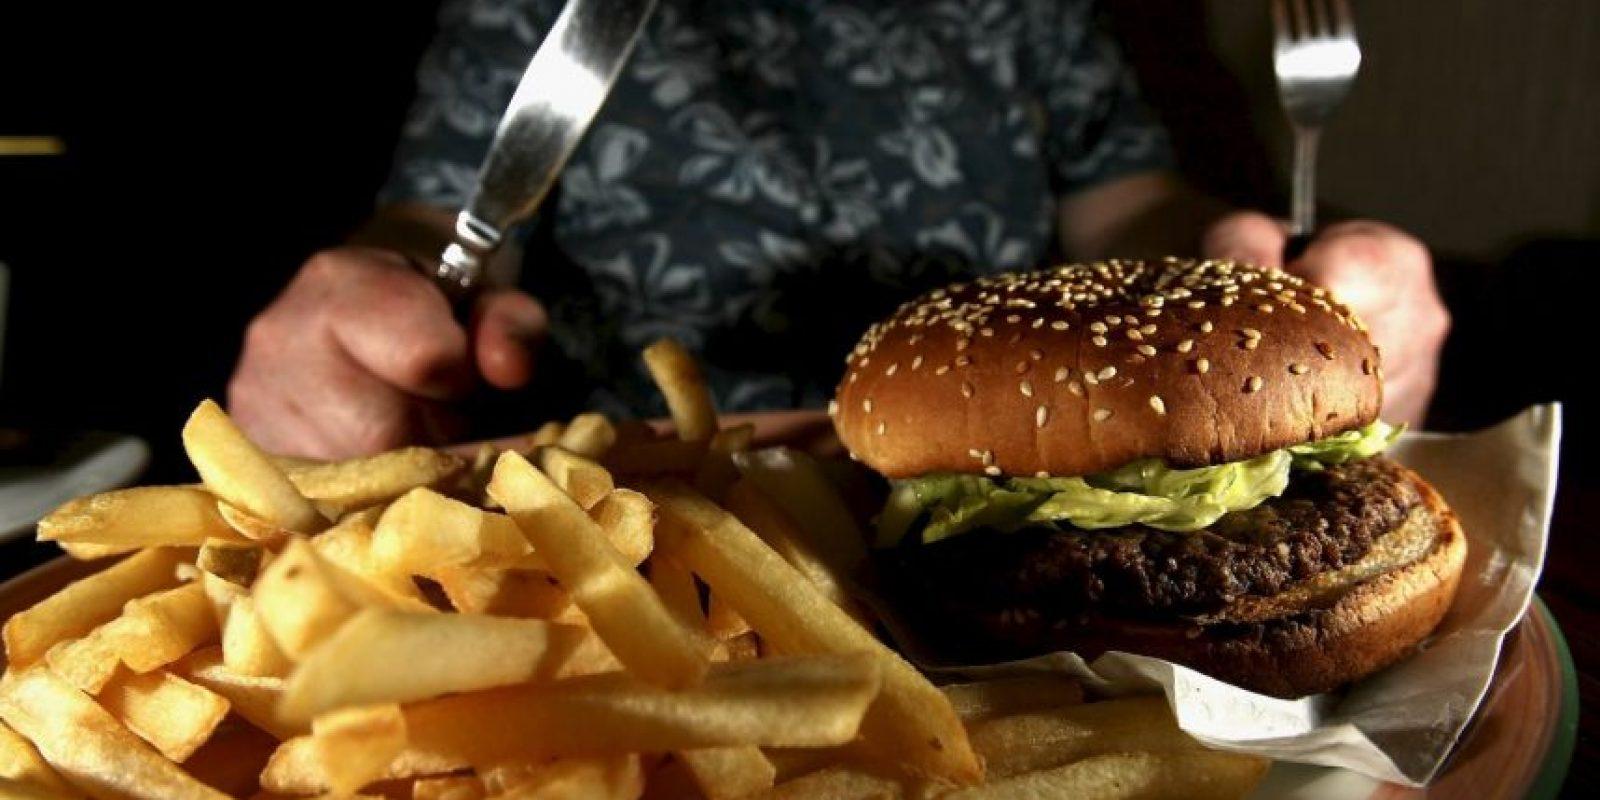 La proliferación del consumo de fast-food es preocupante debido a la epidemia de obesidad que afecta a todo el mundo. Foto:Getty Images